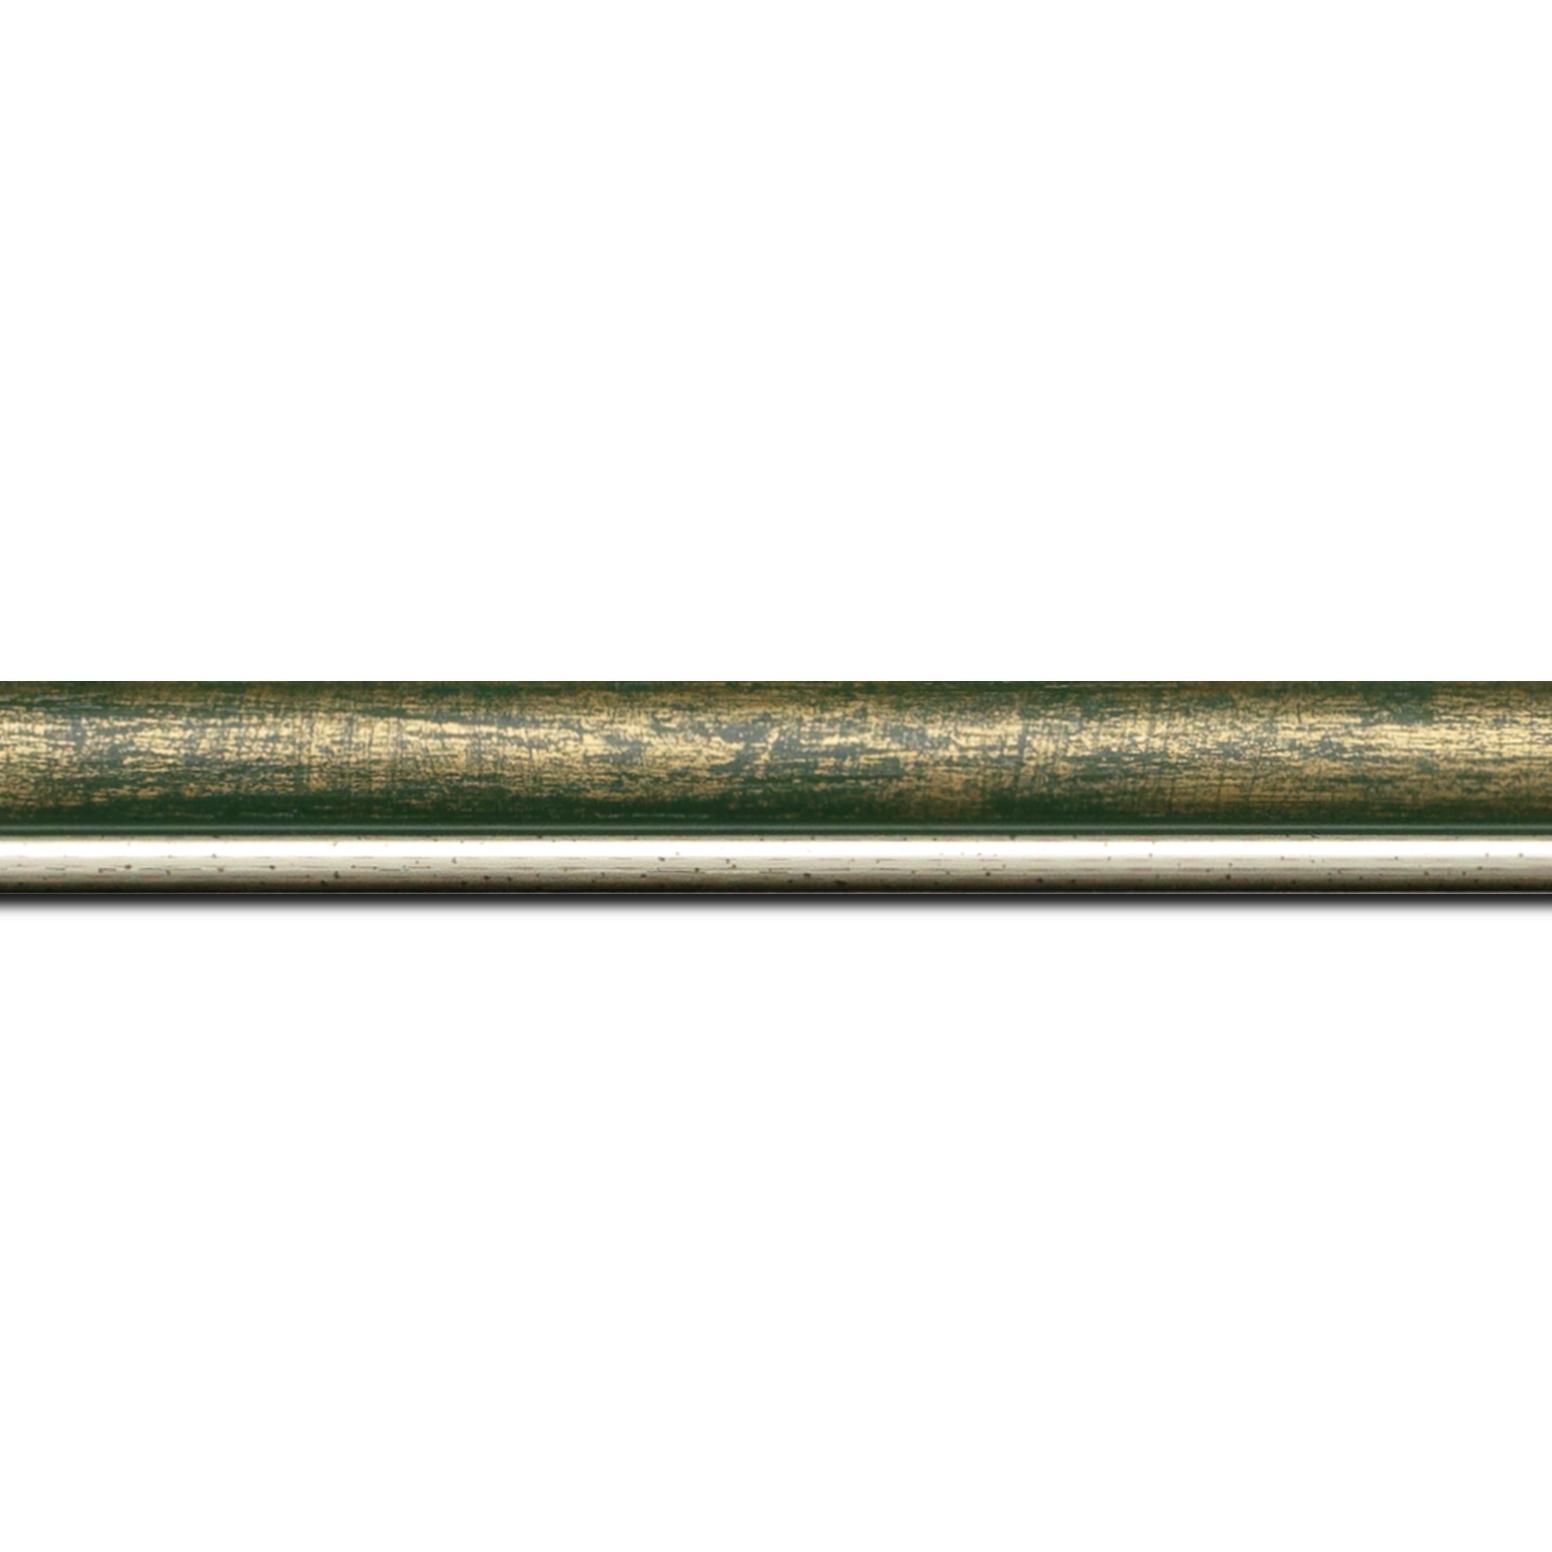 Baguette longueur 1.40m bois profil arrondi largeur 2.1cm couleur vert fond or filet argent chaud